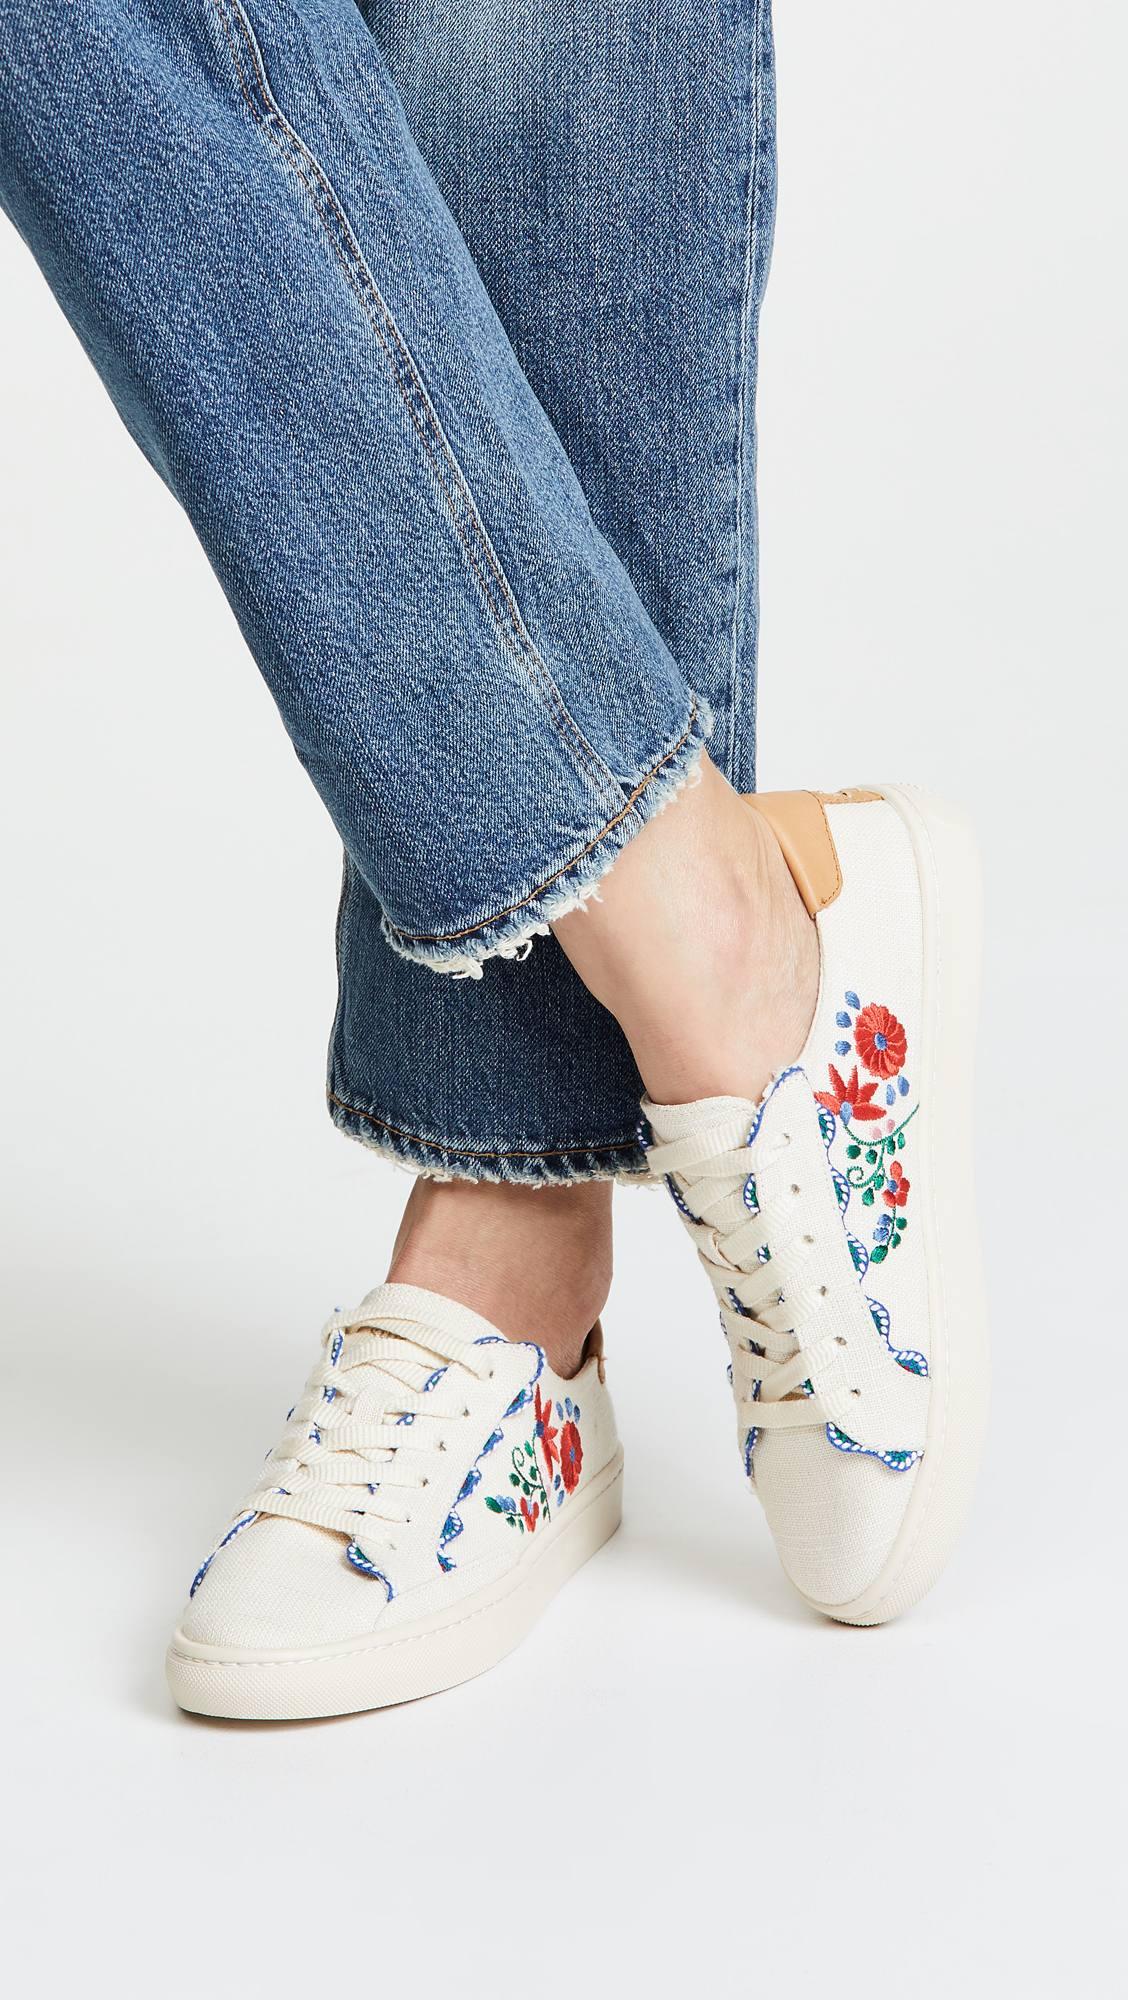 Смотреть Модная обувь на танкетке на лето 2019 года (с фото) видео